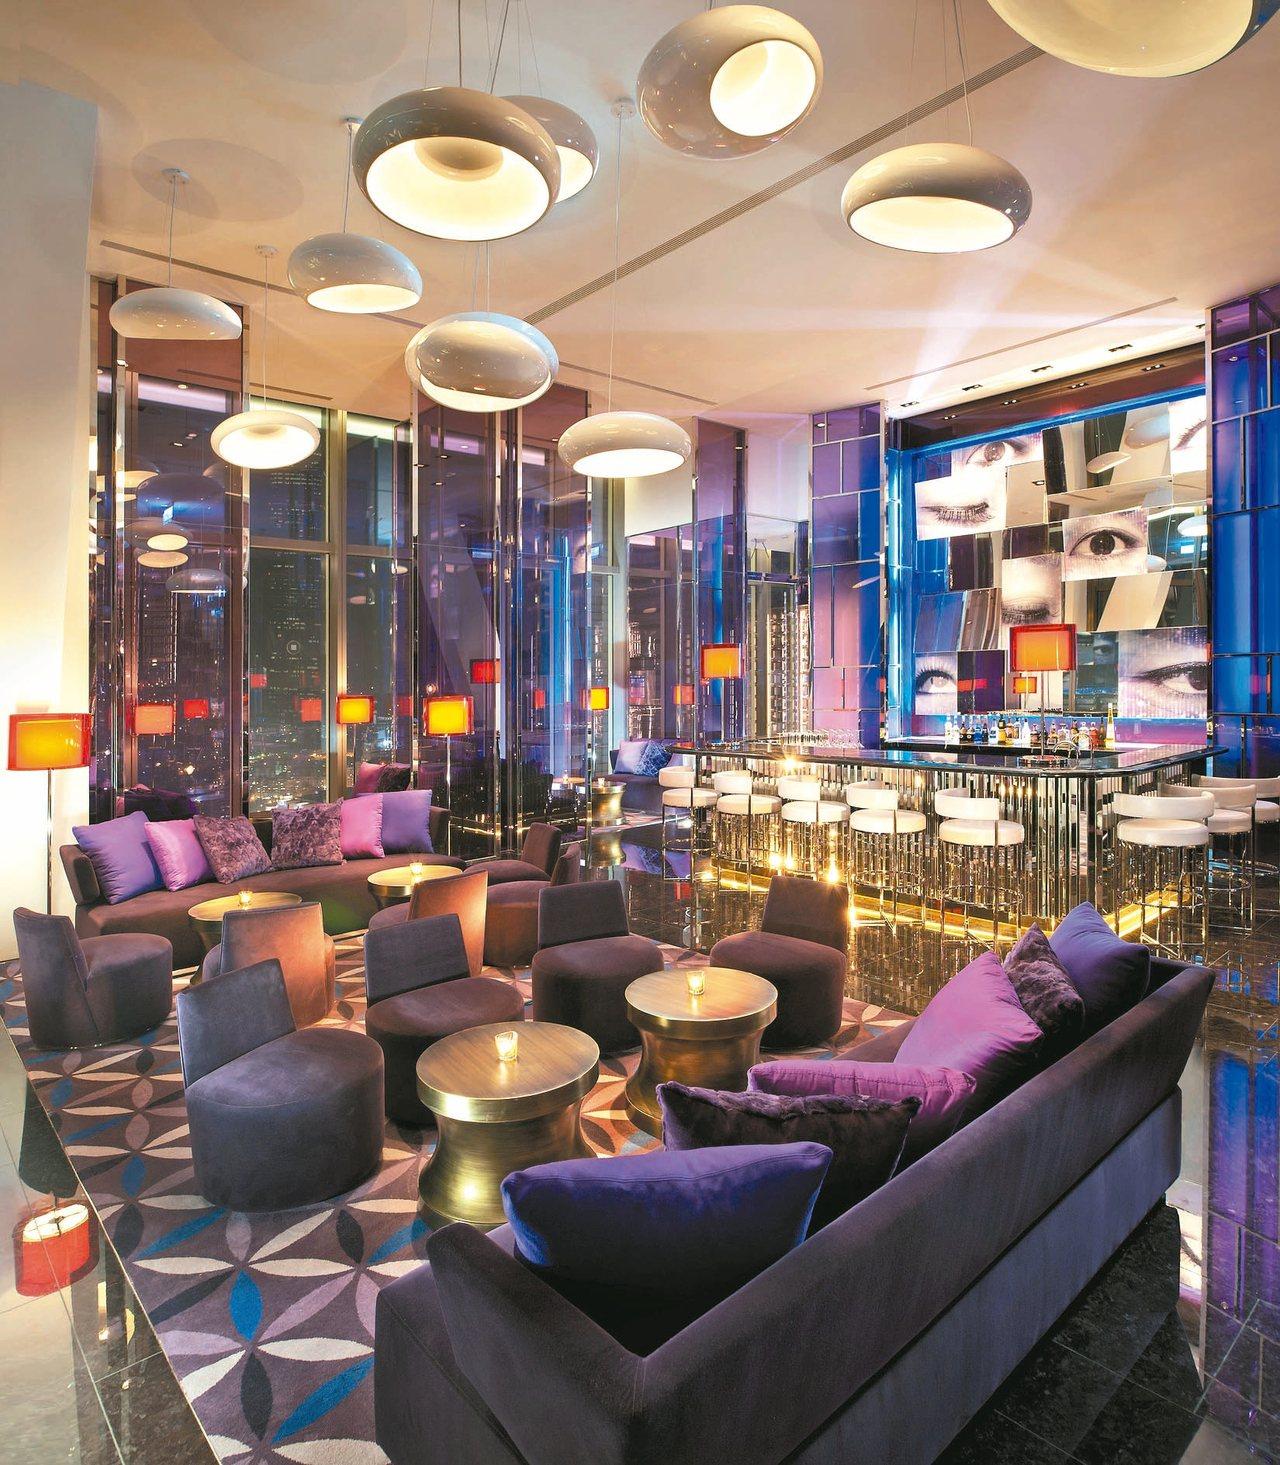 台北W飯店紫艷酒吧為約會創造時尚氛圍。 圖/業者提供